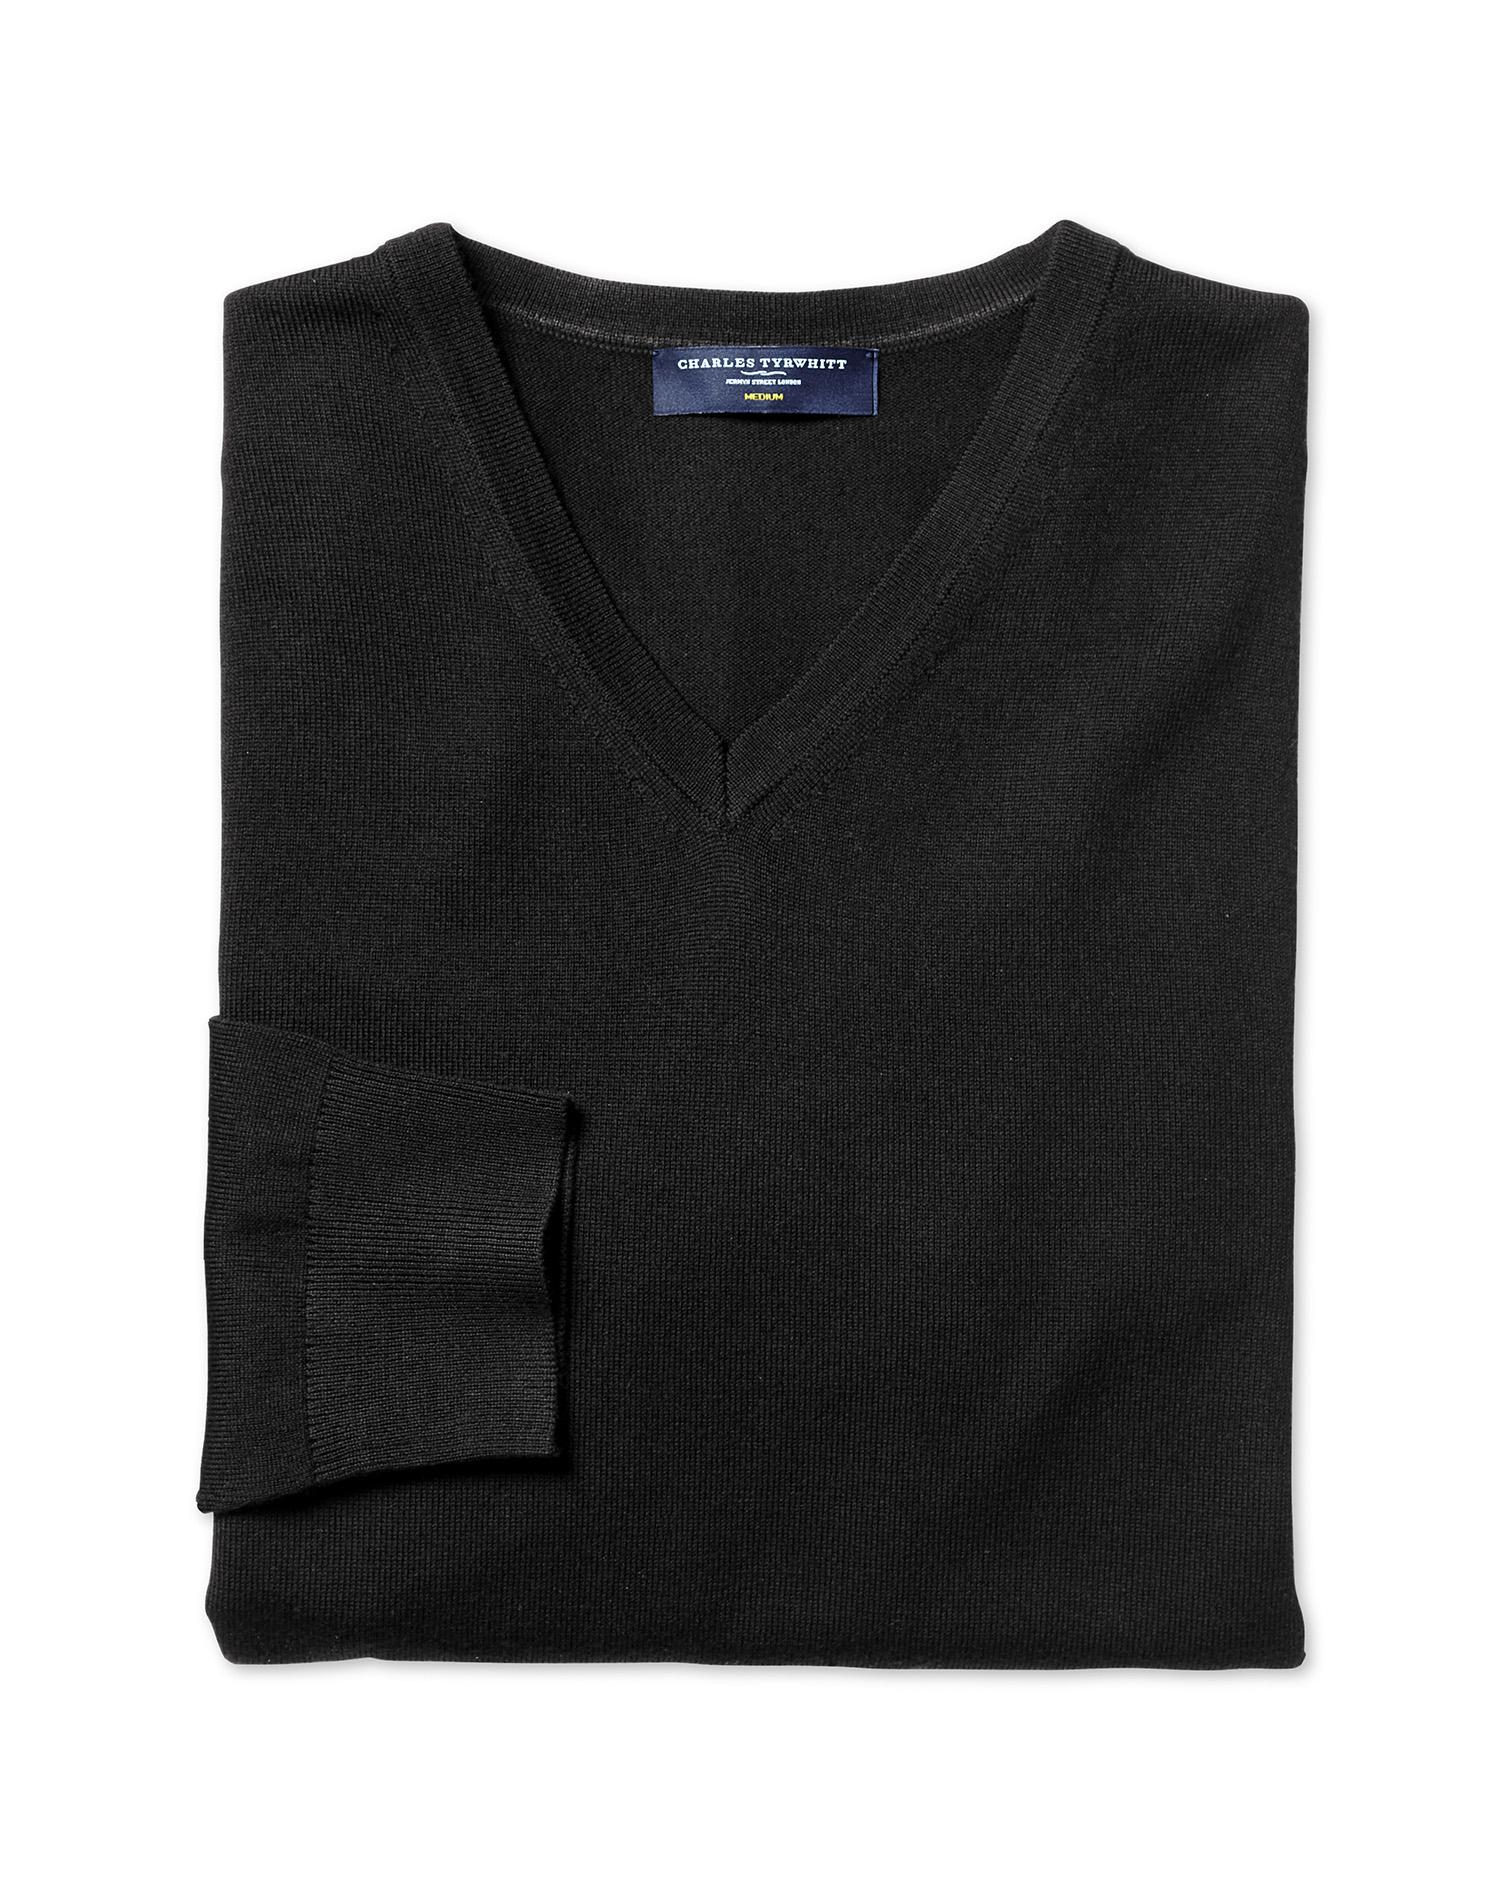 Black Merino Wool V-Neck Jumper Size XXXL by Charles Tyrwhitt